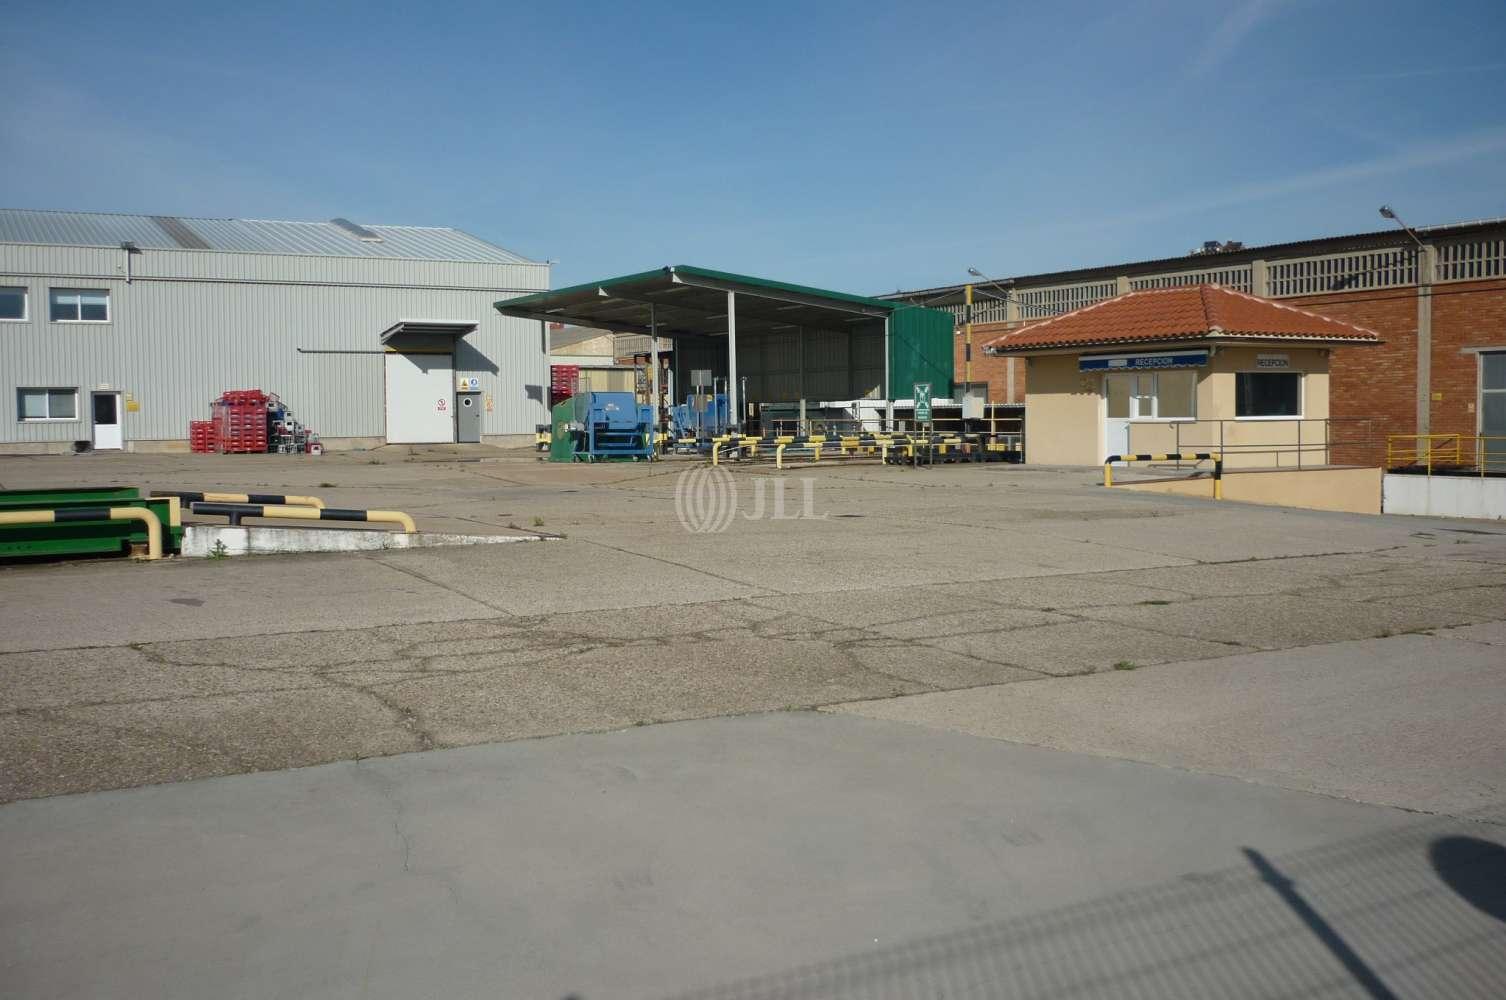 Naves industriales y logísticas Palencia, 34004 - Nave Industrial - B0284 Palencia - 1292